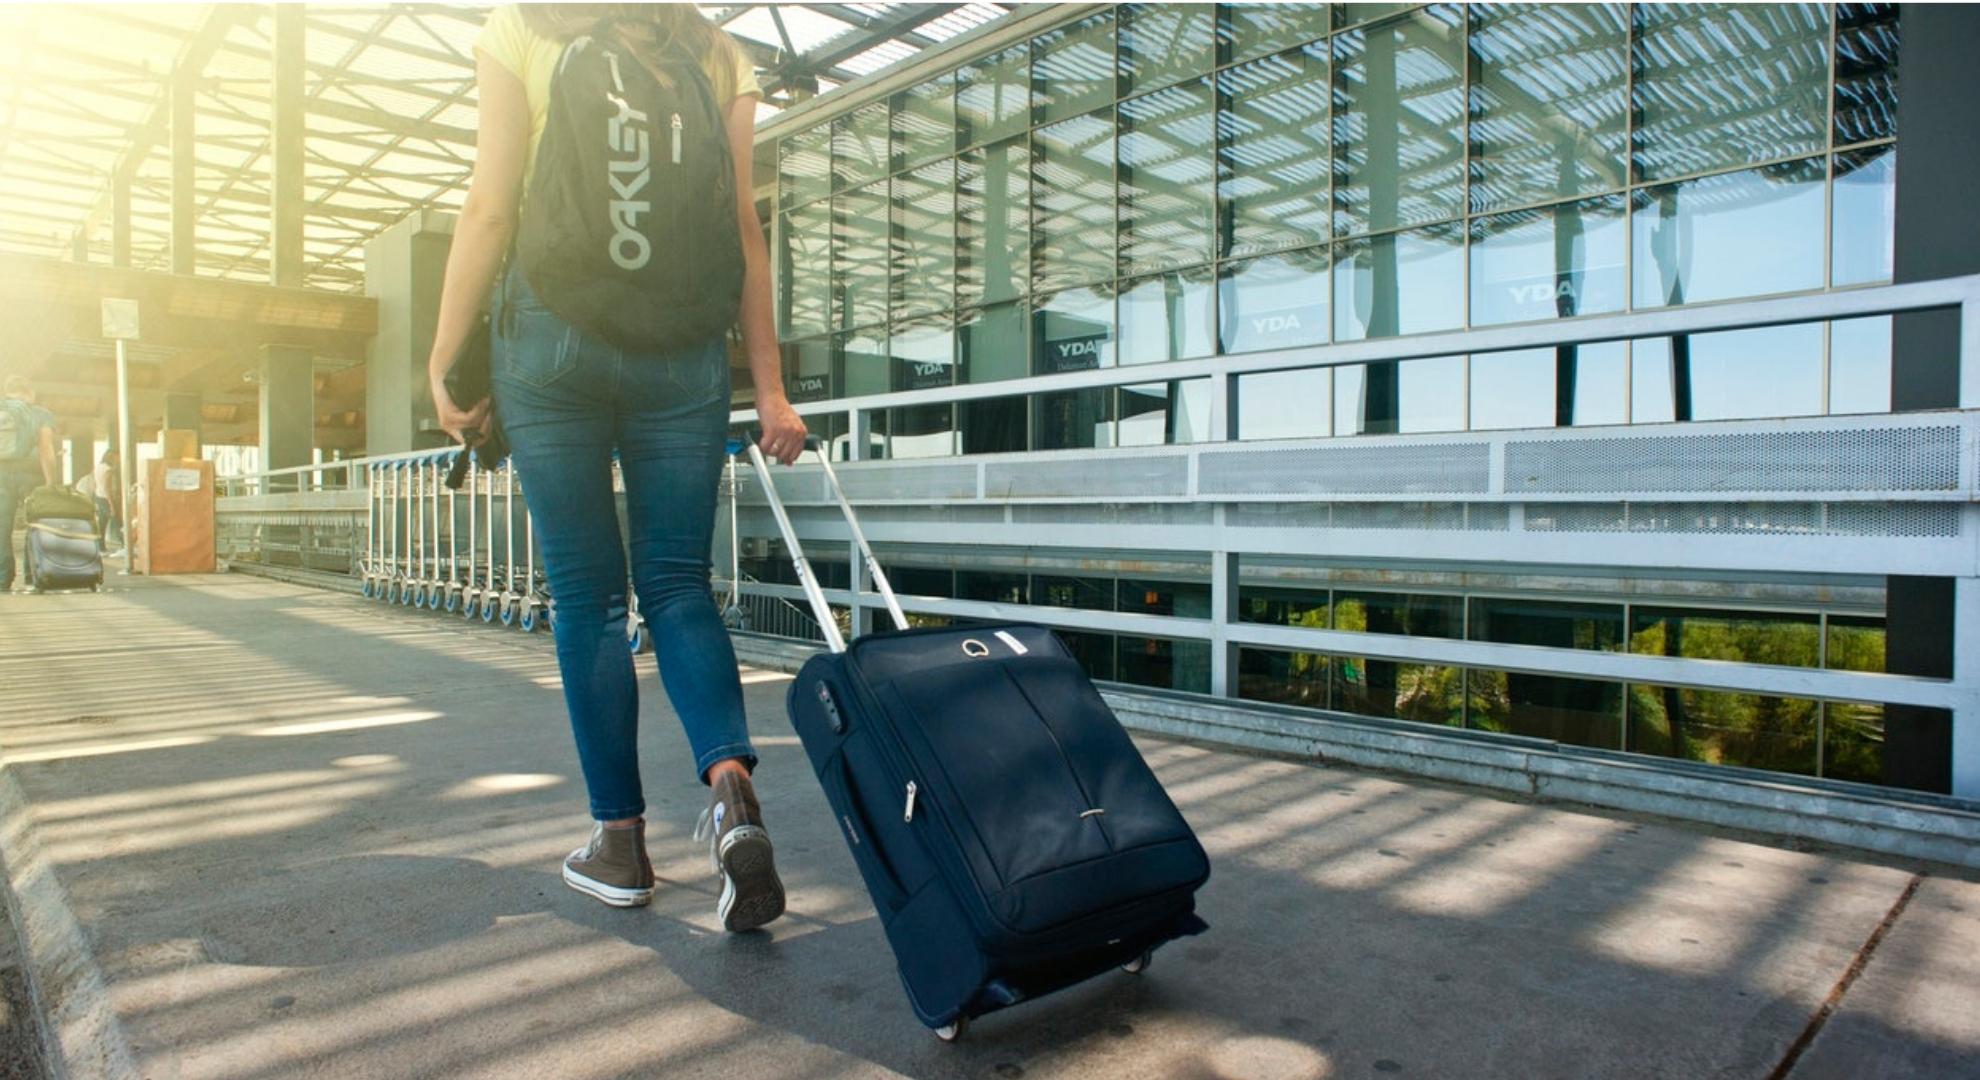 【旅のTRIP】スワンナプーム国際空港でやるべきこととバスでパタヤへの行き方を紹介します。